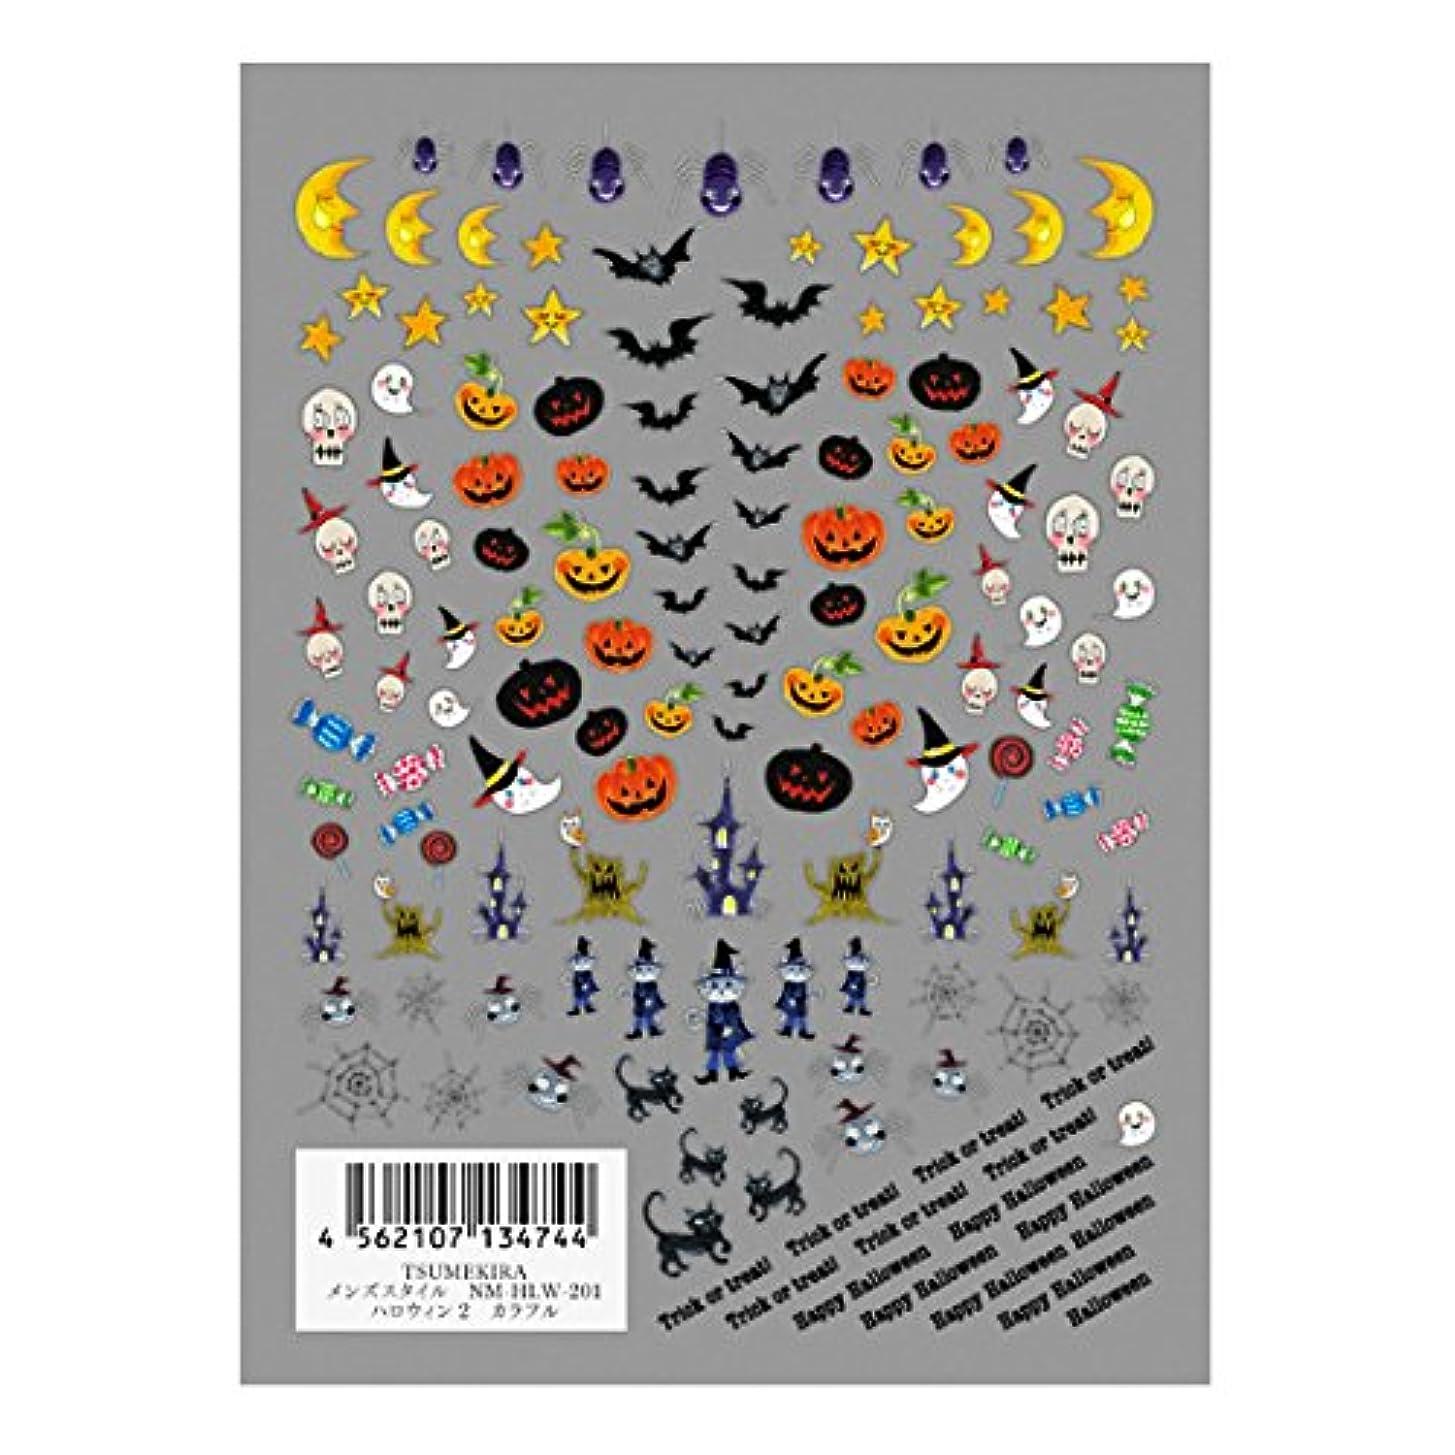 策定する部族日焼けツメキラ ネイル用シール メンズスタイル ハロウィン2 カラフル NM-HLW-201